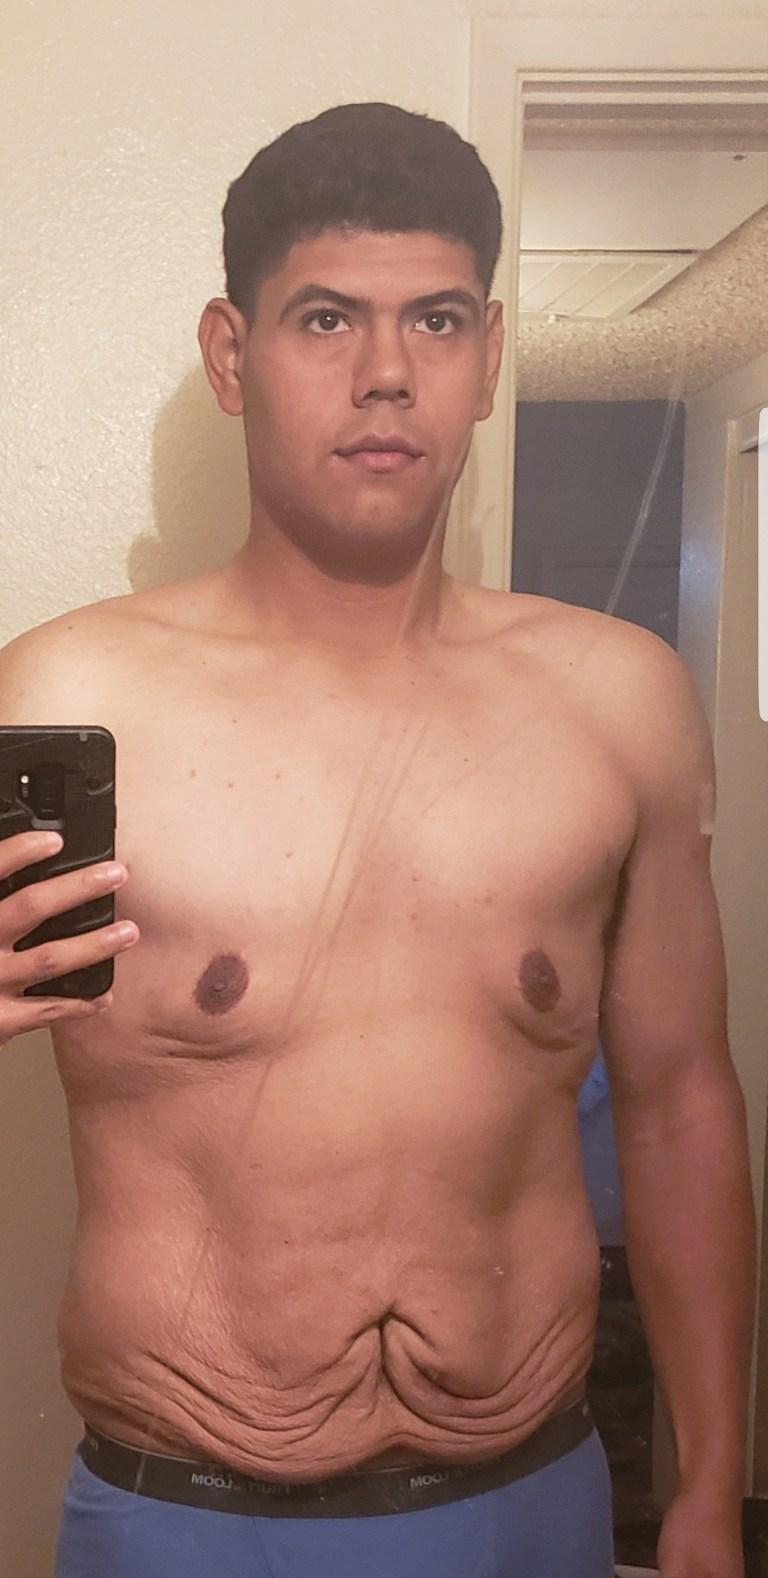 Adan Prescott aux seins nus dans un miroir ayant perdu 250 livres.